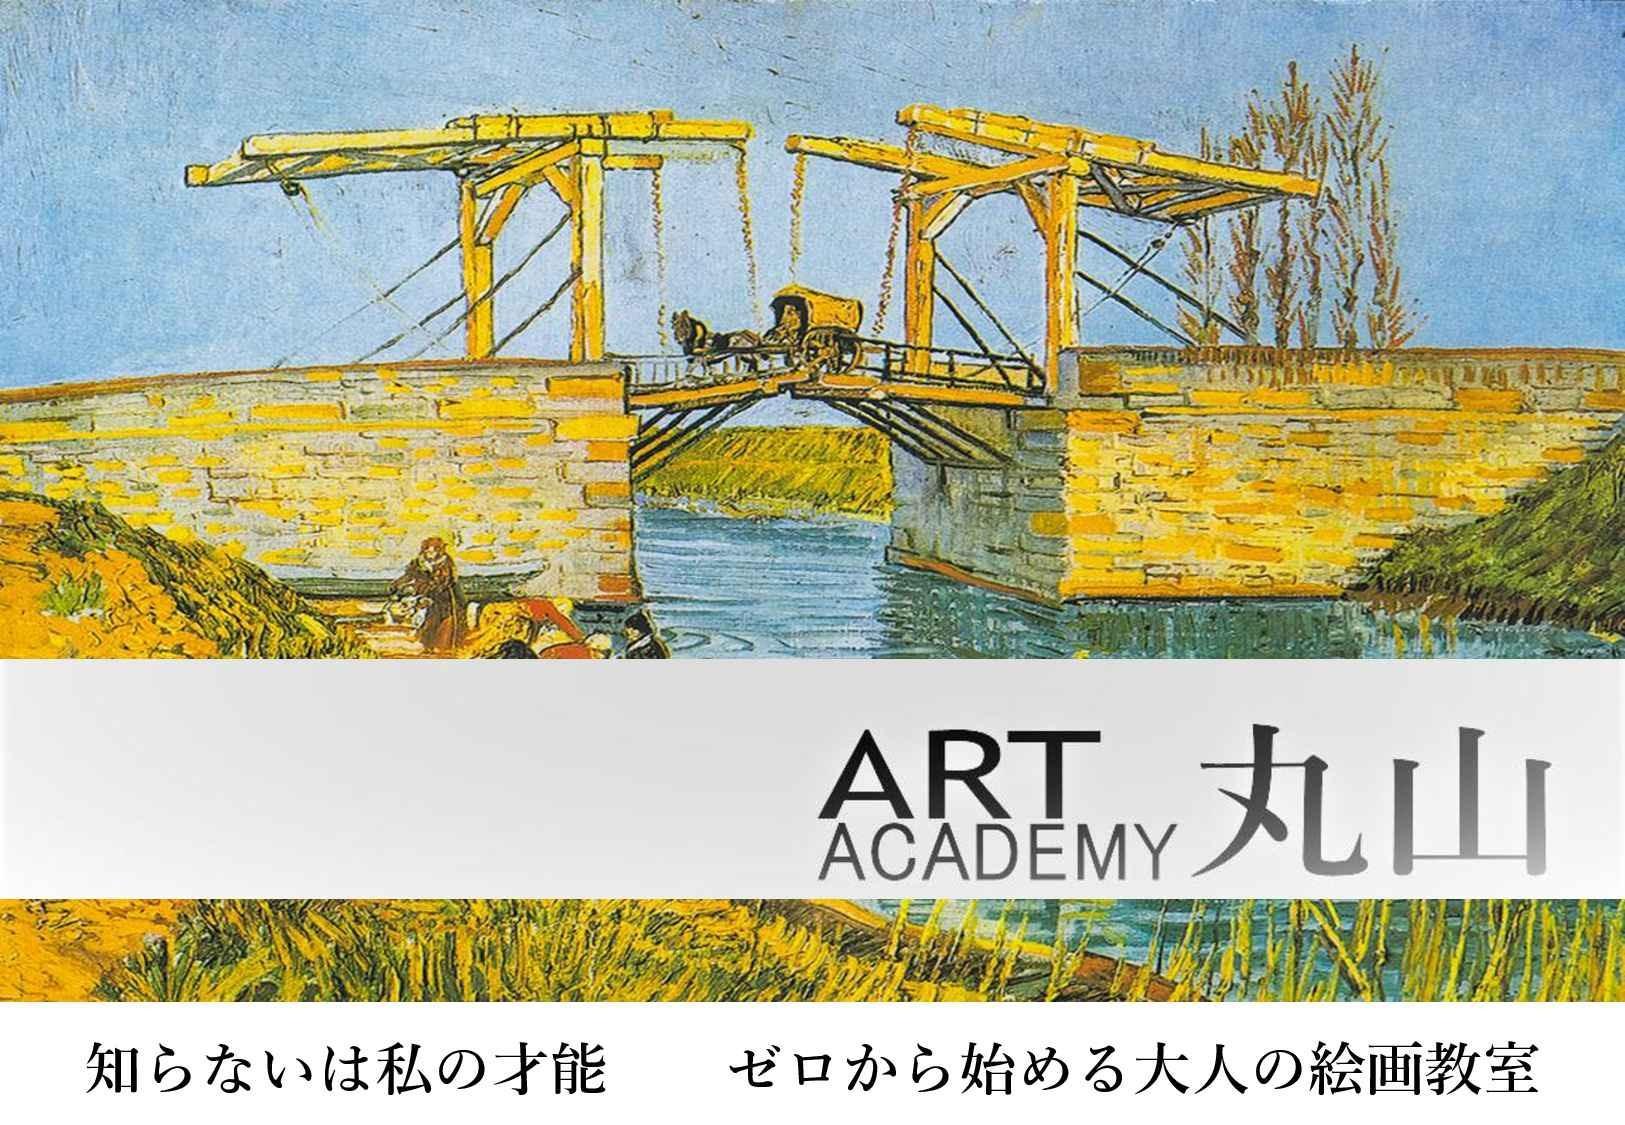 ARTアカデミー丸山